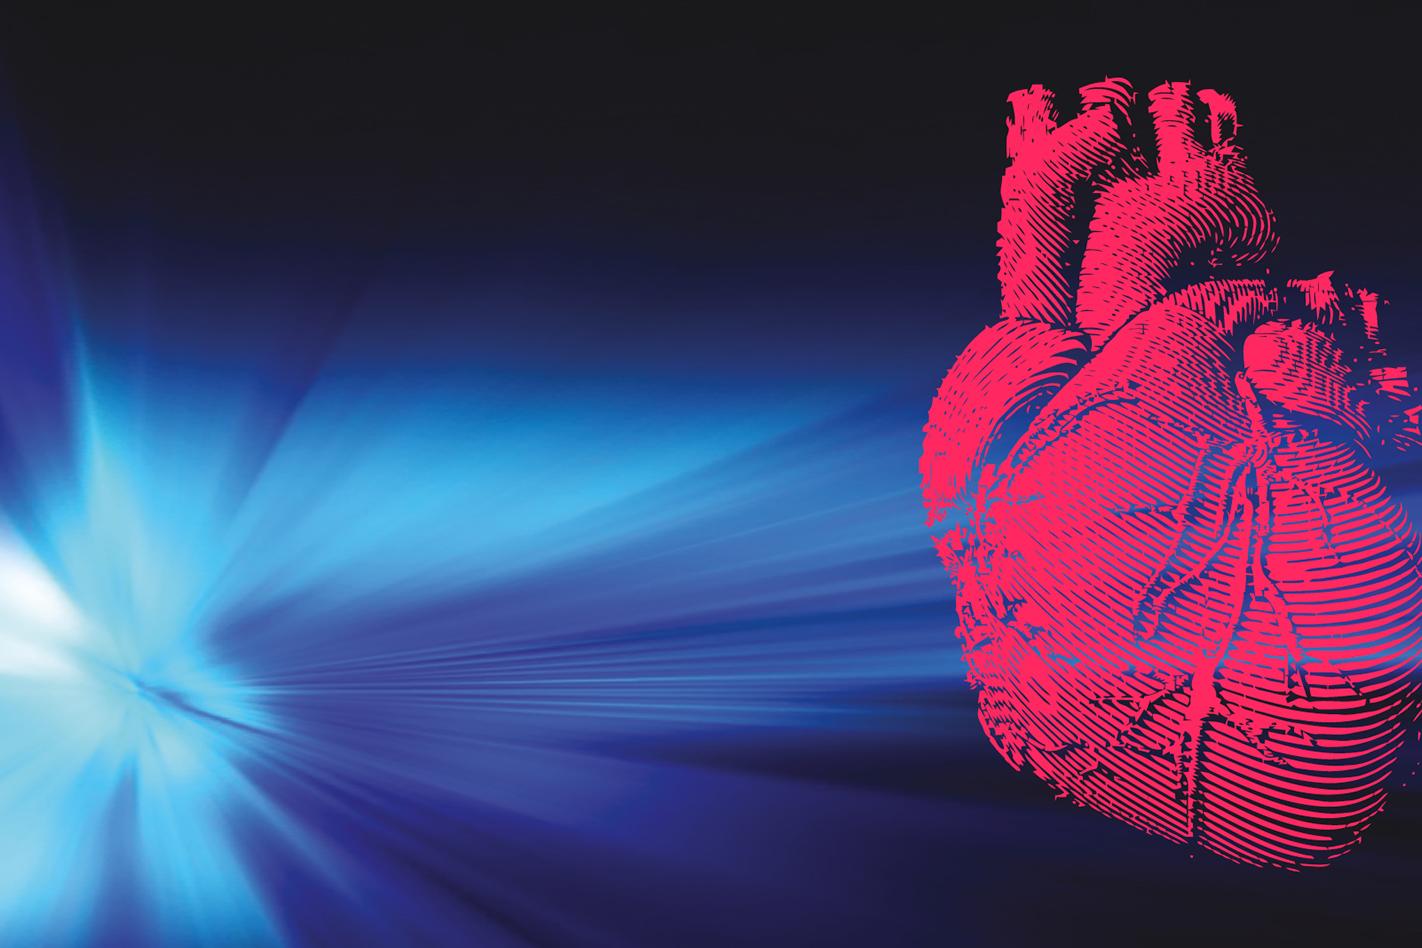 Cardiology 2019